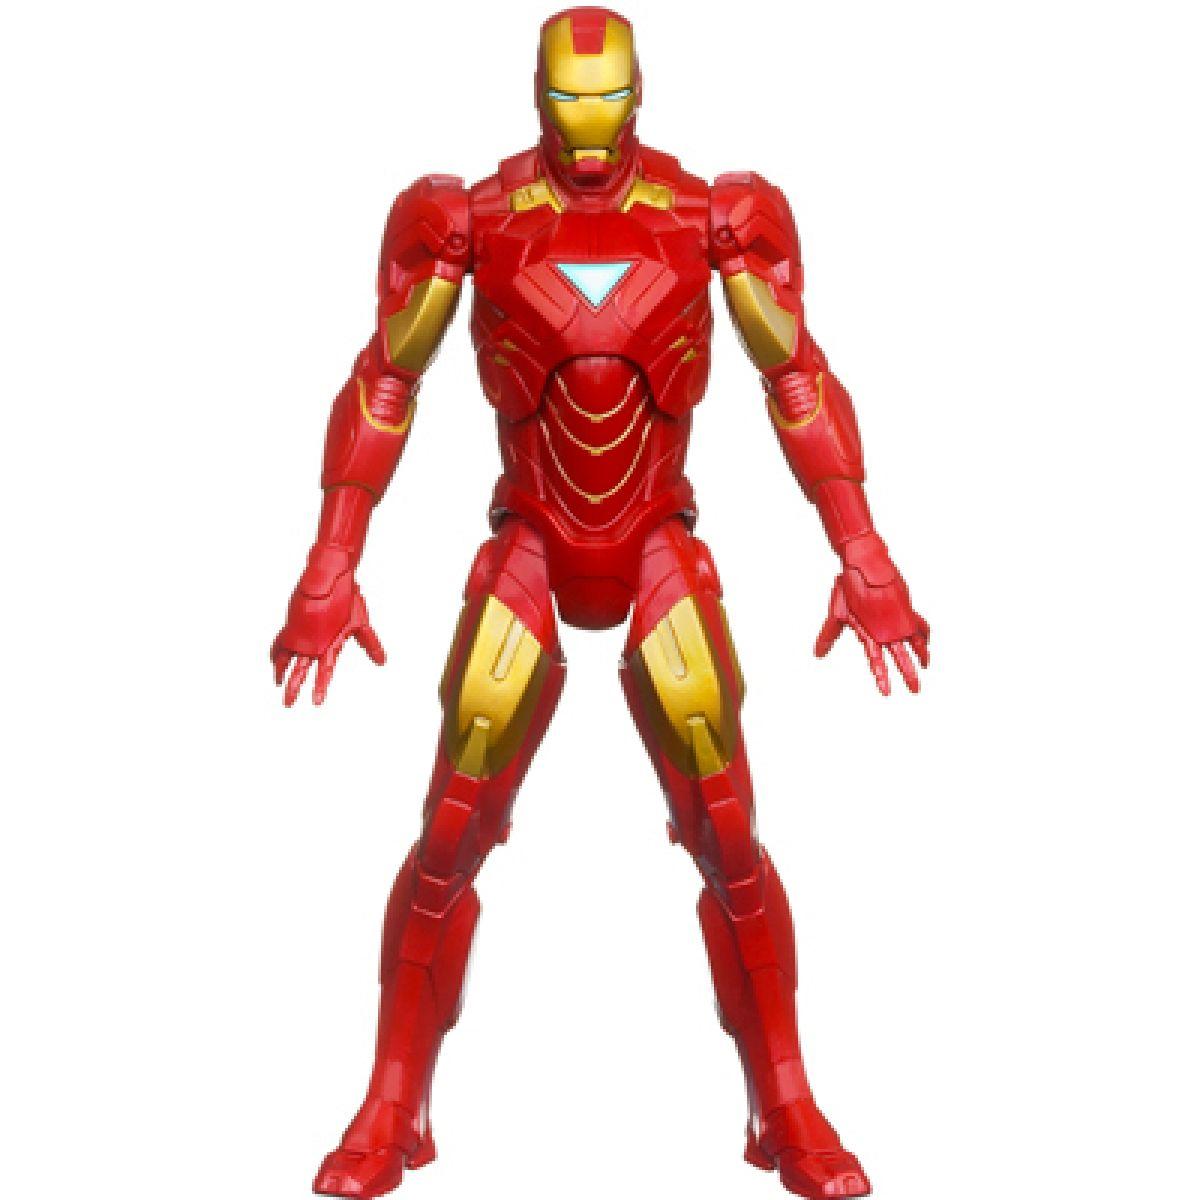 IRON MAN velká figurka Hasbro